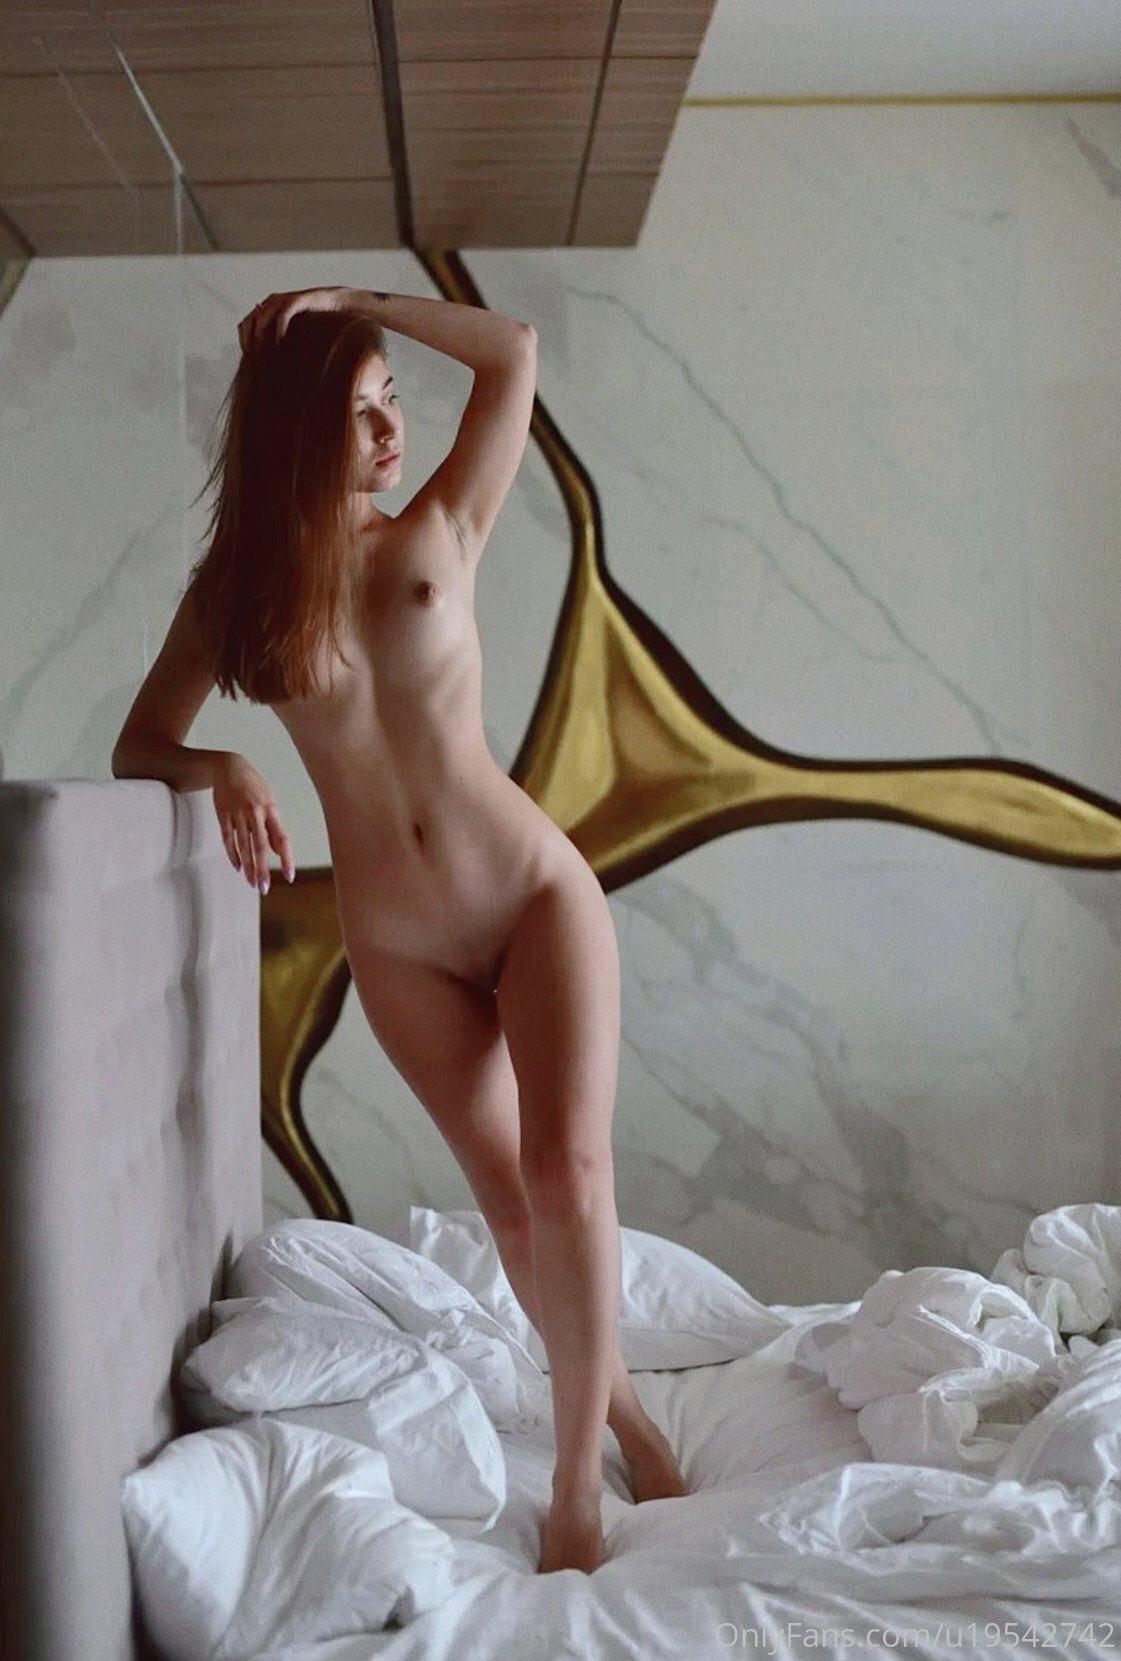 Torrey, Iamtorrey, Onlyfans Nudes Leaked 0008